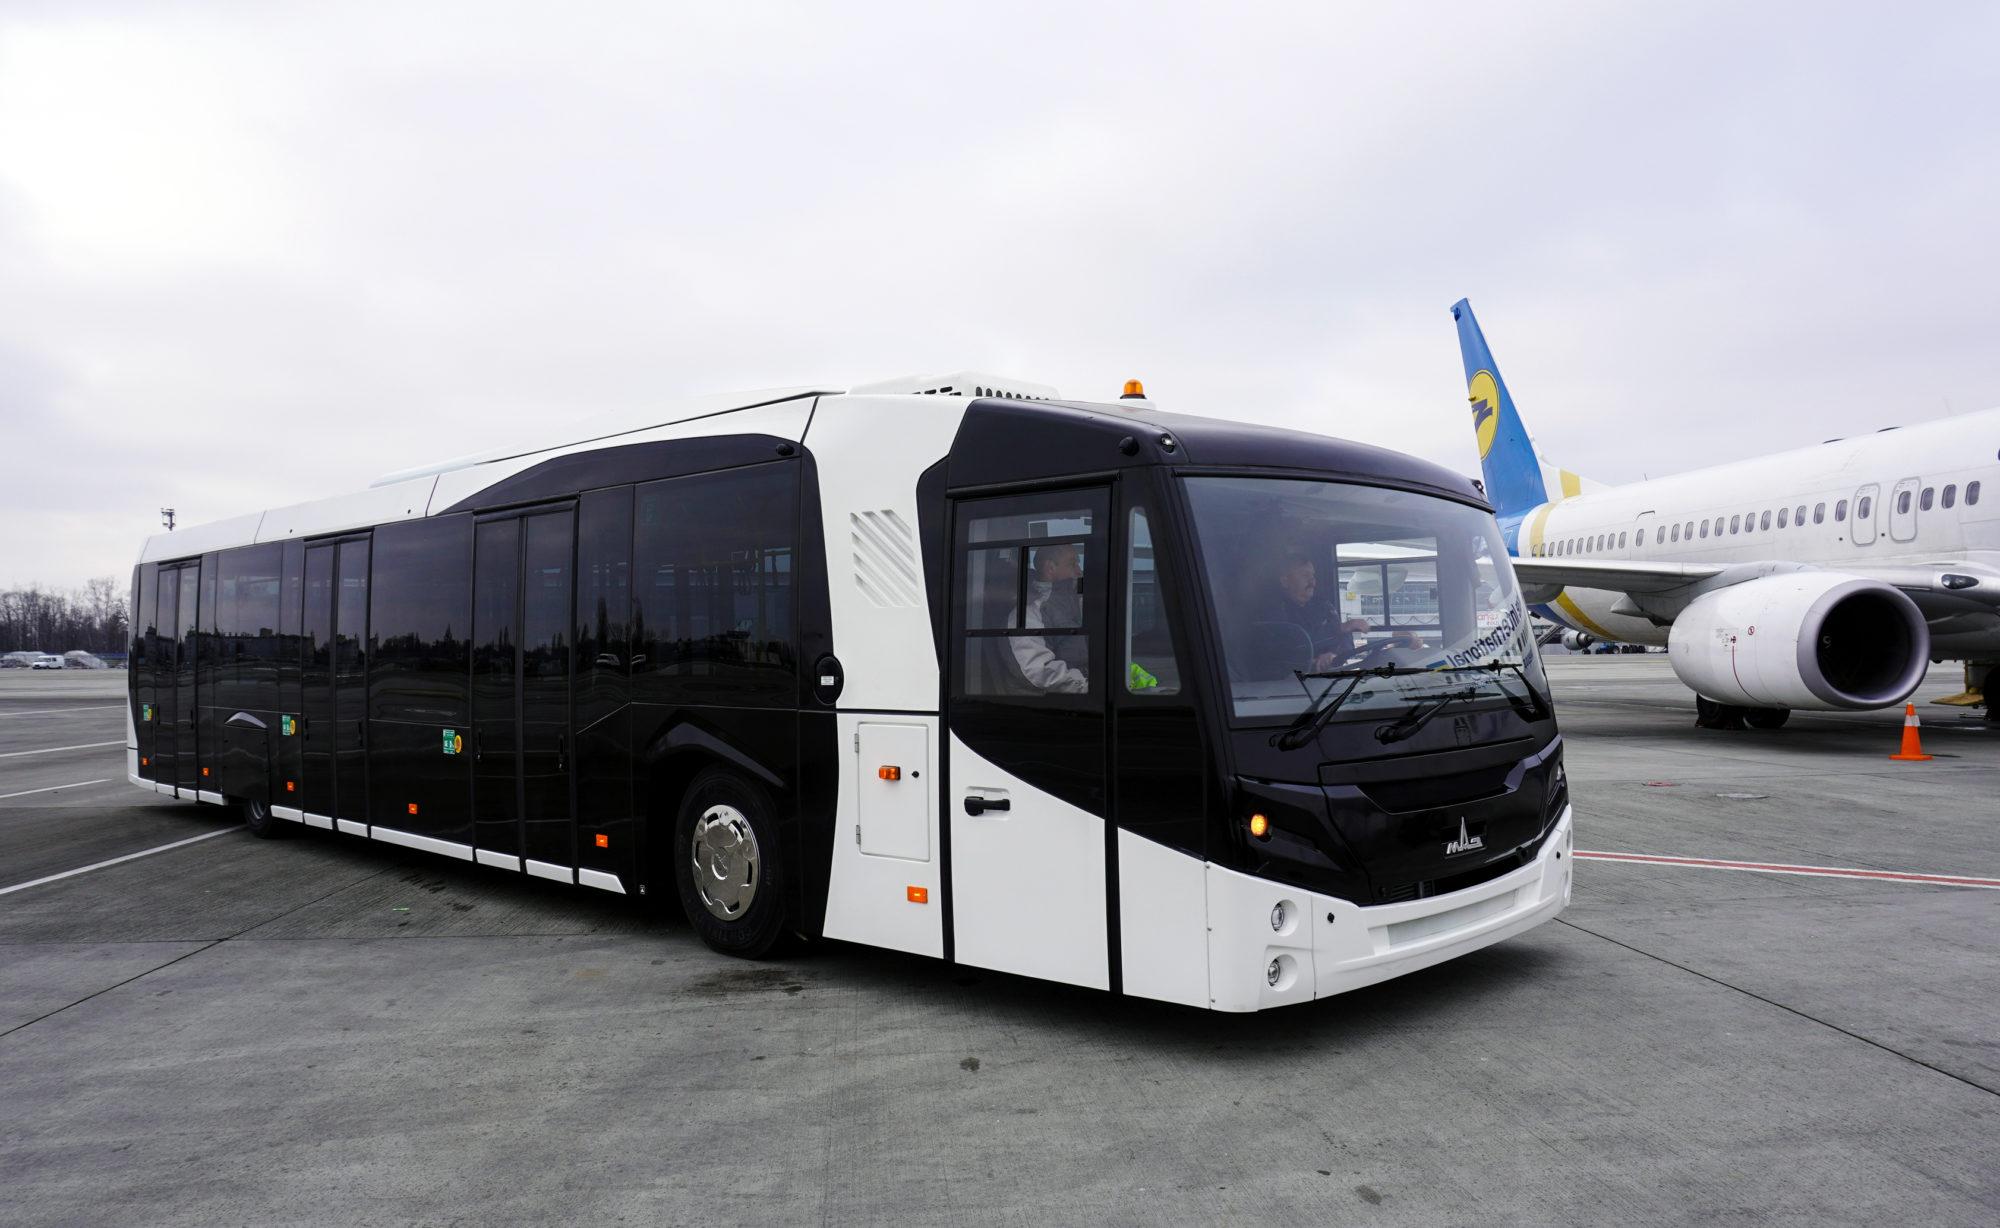 149-2000x1228 В аеропорту «Бориспіль» представили спеціалізований автобус білоруського виробництва